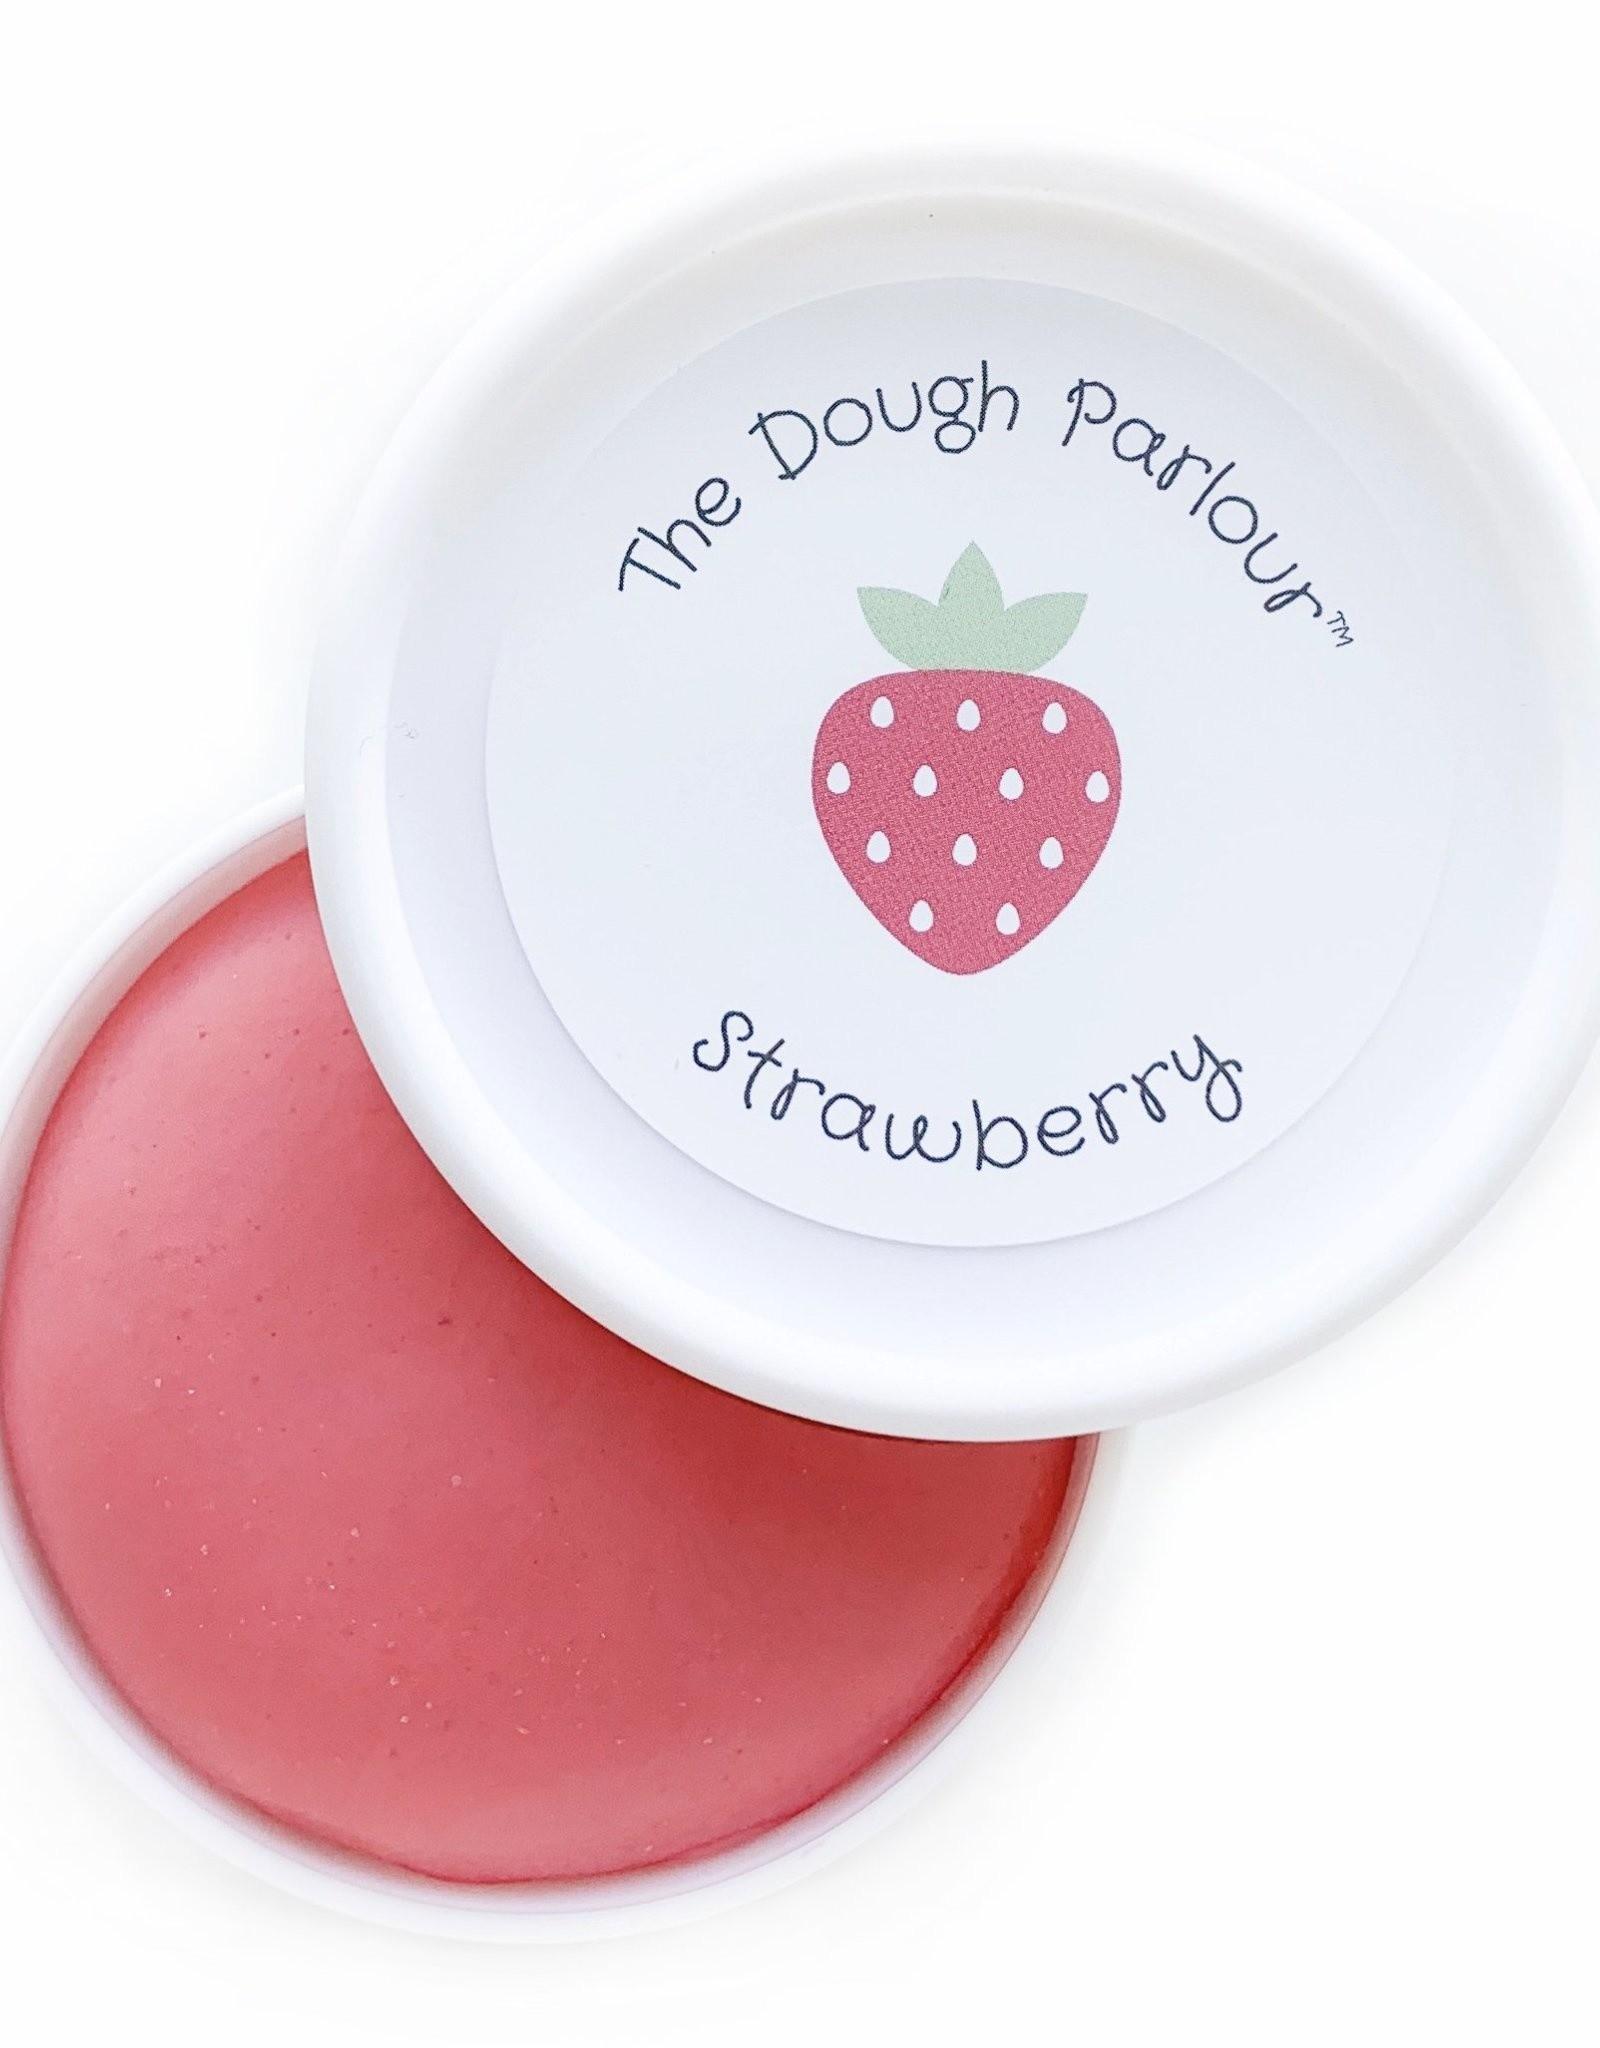 Dough Parlour Dough Parlour Play Dough - Strawberry